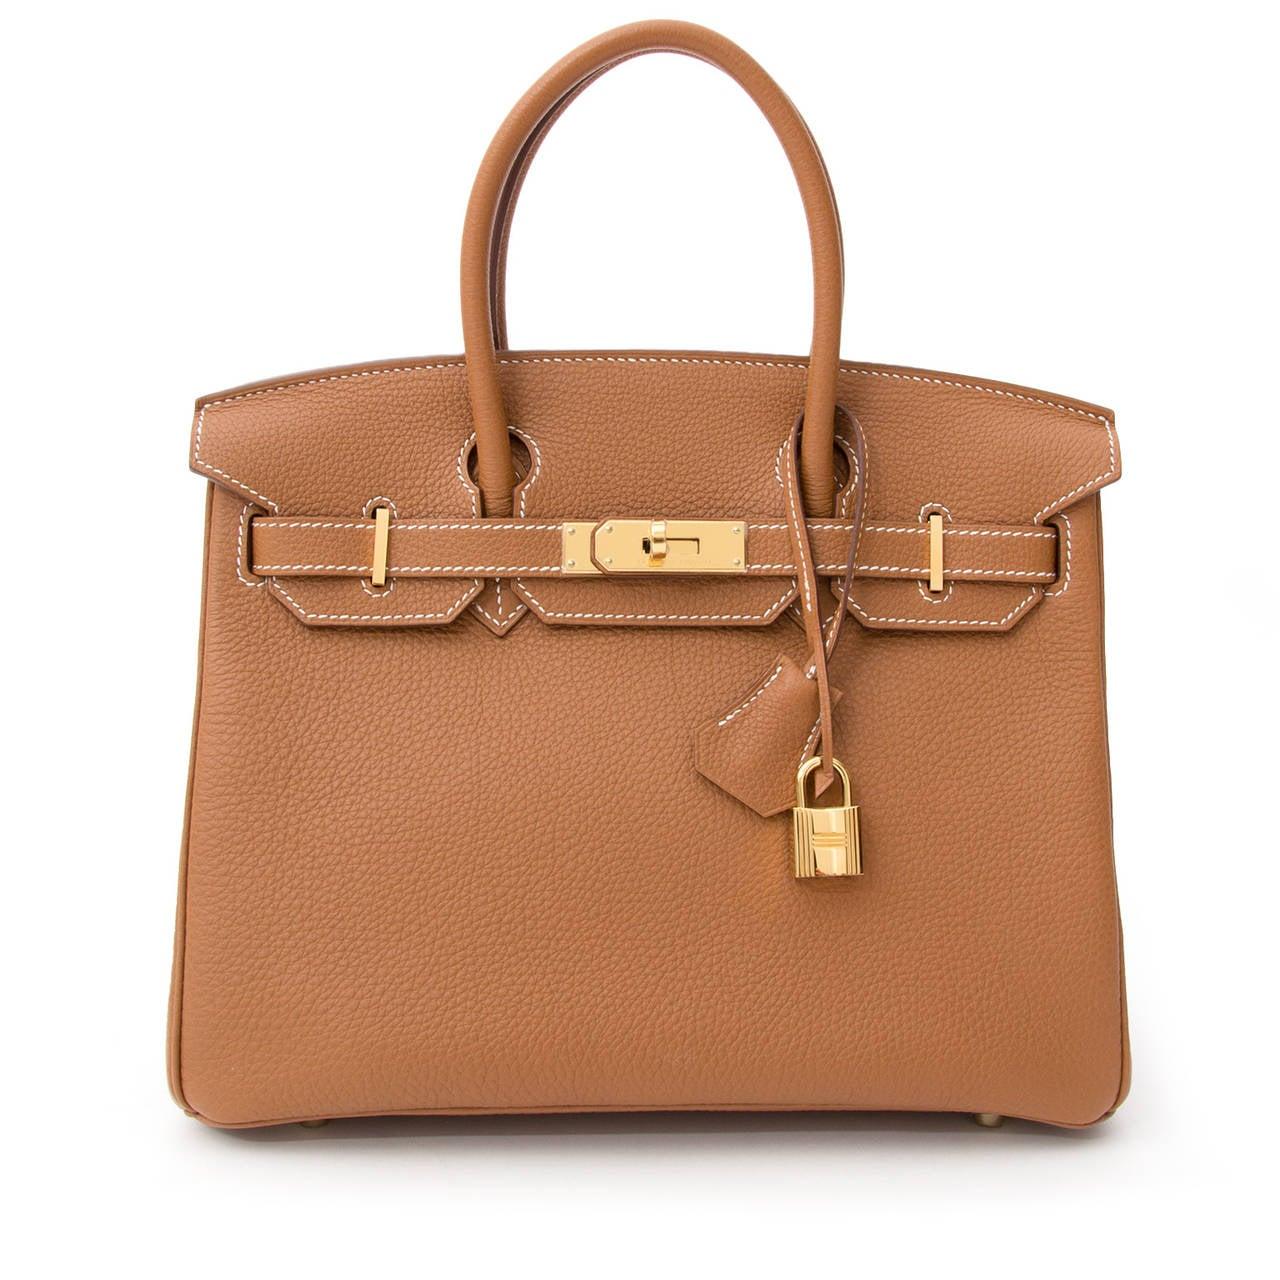 Hermès Birkin Gold Togo 30 GHW 8